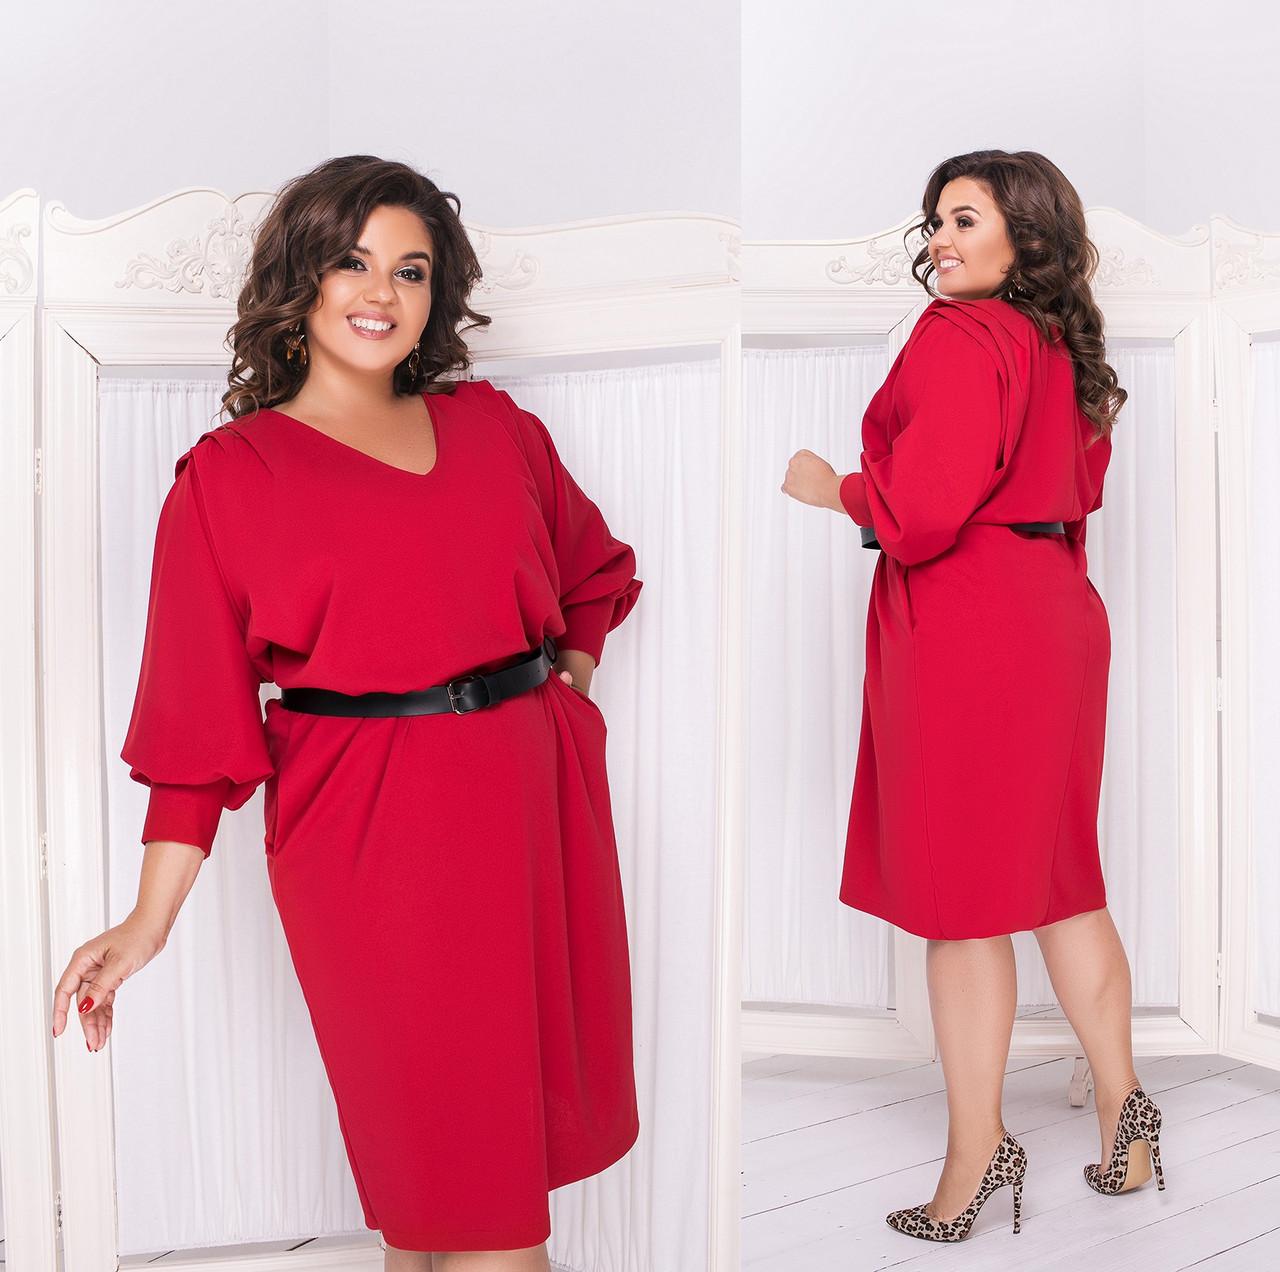 Женское платье большого размера c рукавом на манжете.Размеры:48-58.+Цвета